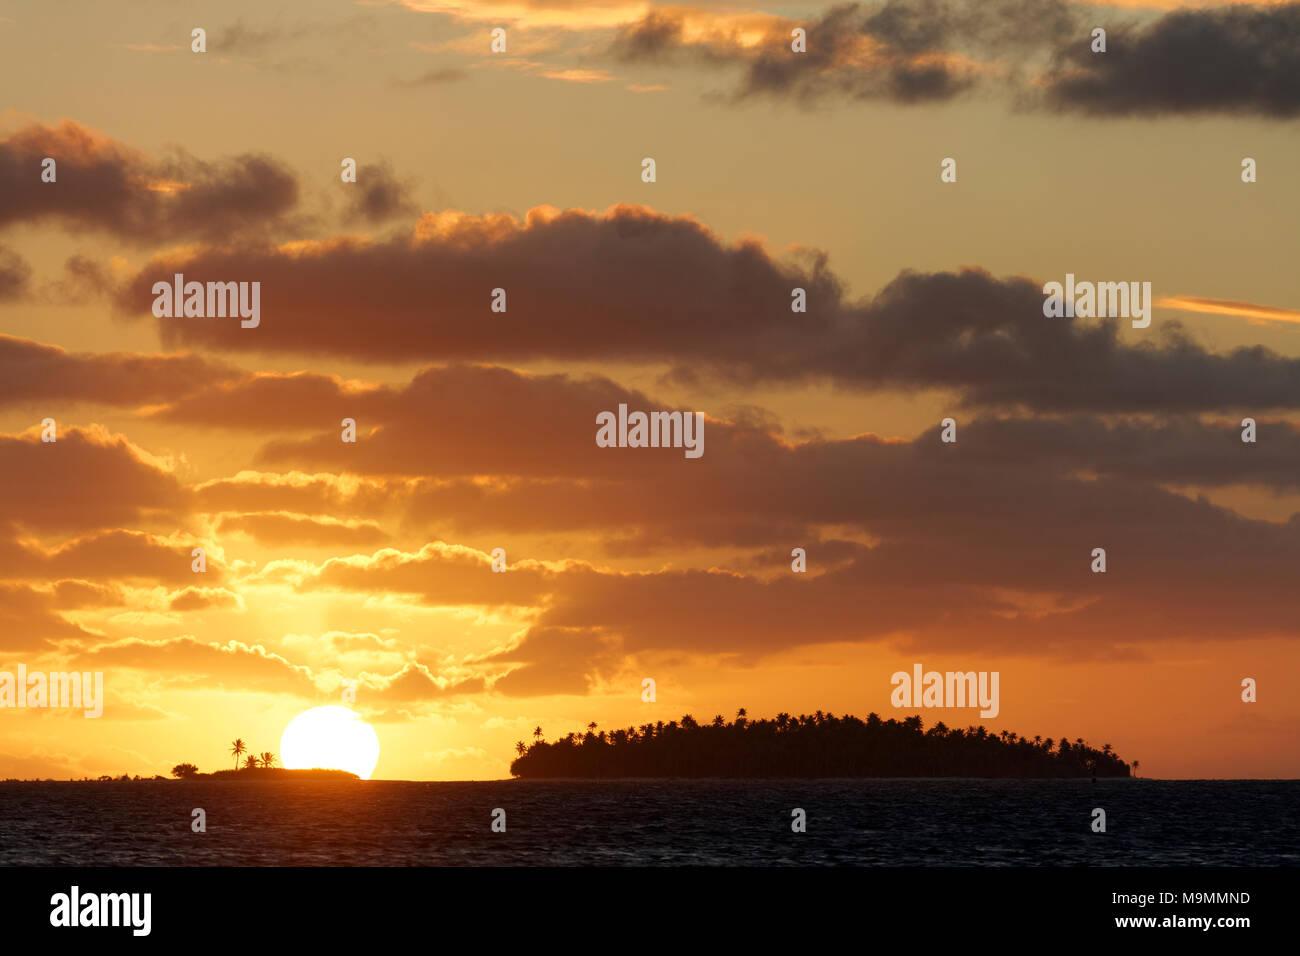 Sunset Island, cielo nuboso, Tikehau Atolón Archipiélago Tuamotu, Islas Sociedad, Polinesia Francesa, las islas de Barlovento Foto de stock